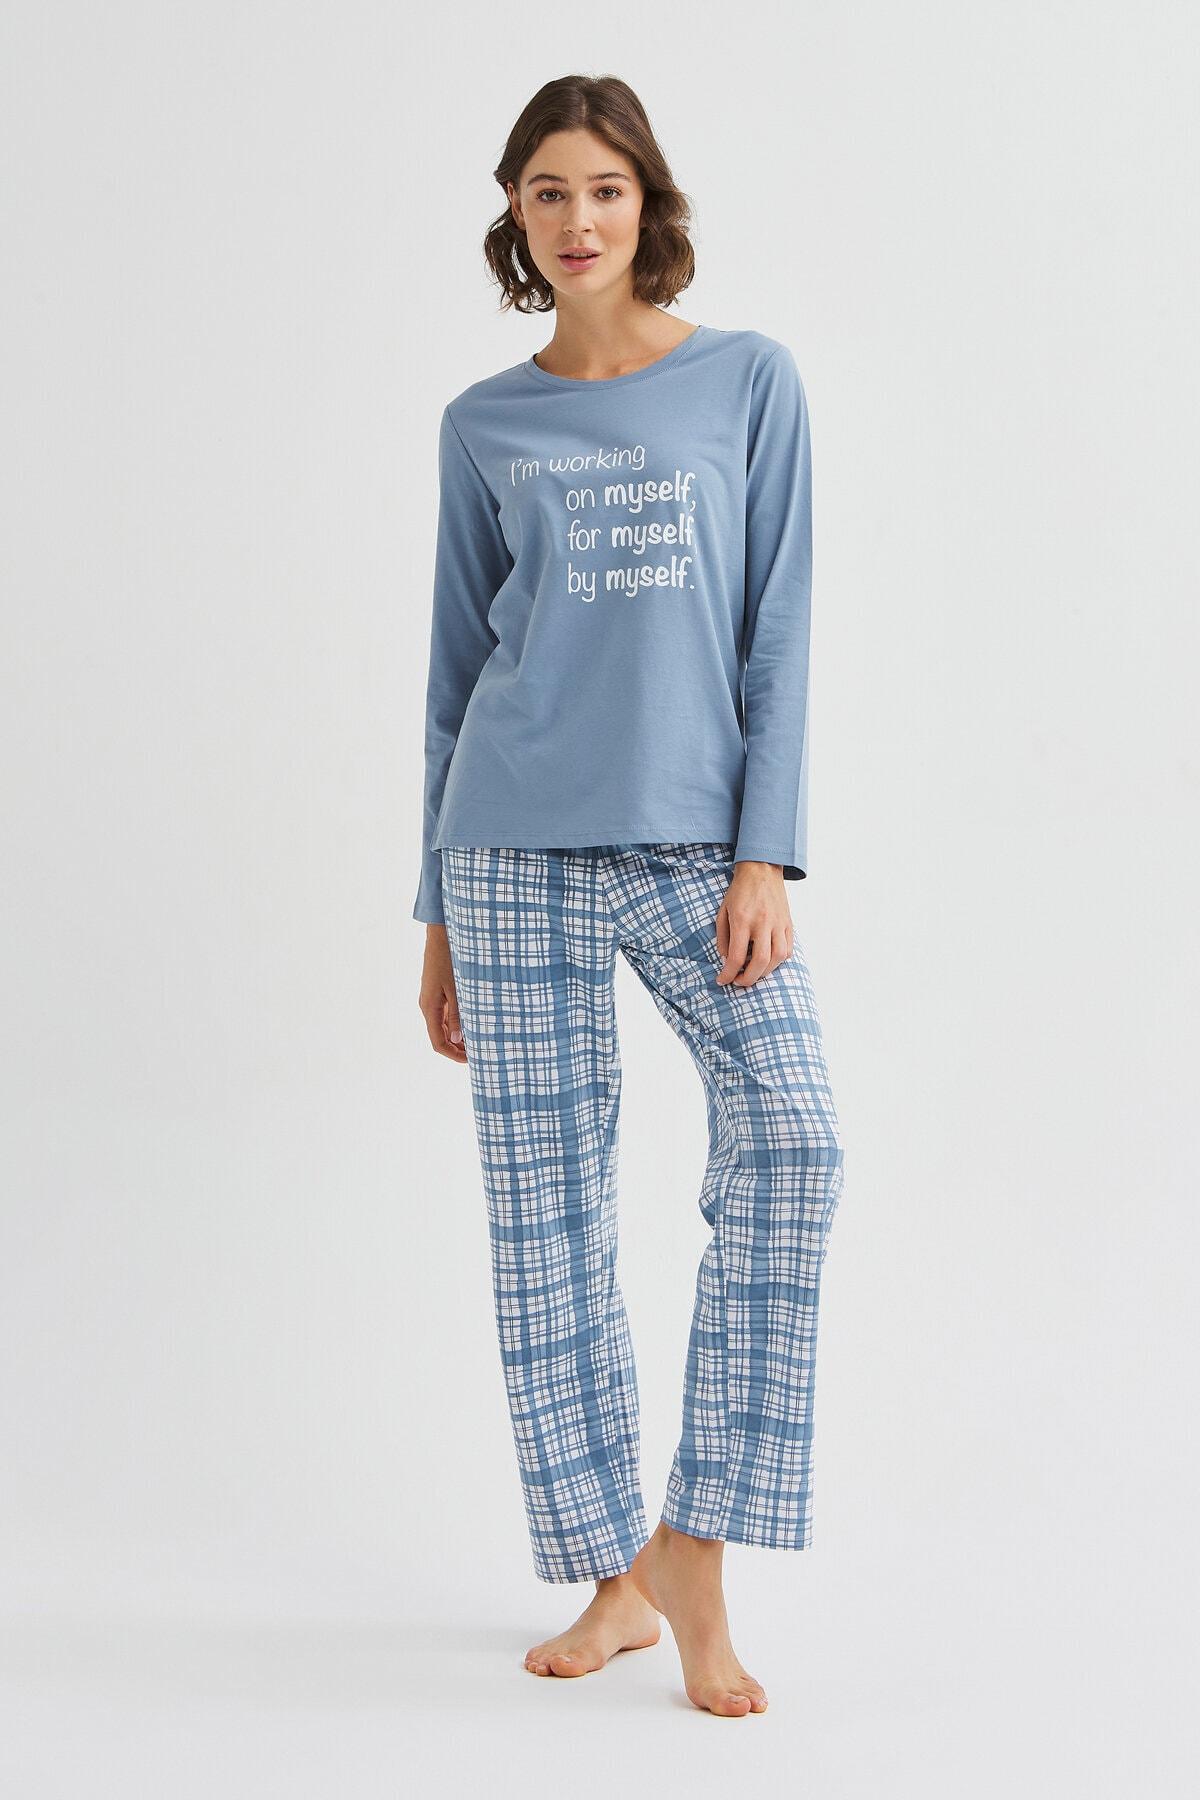 Penti Myself Pijama Takımı 0